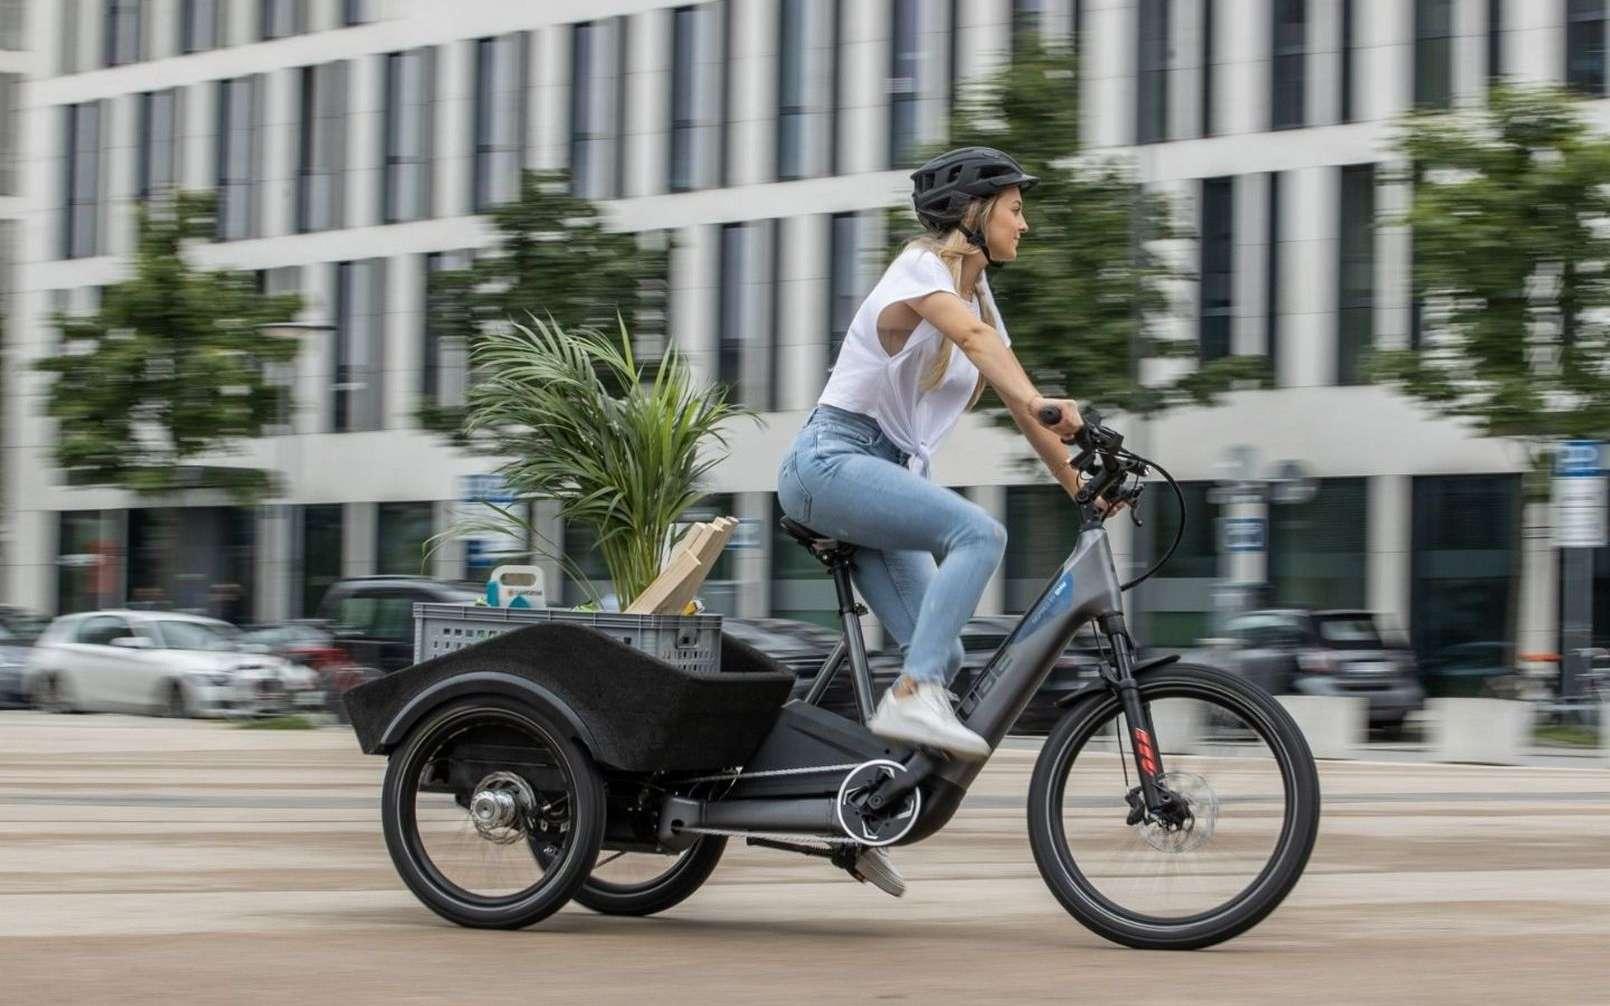 Le vélo cargo électrique Concept Dynamic Cargo développé par Cube en collaboration avec BMW. © Cube